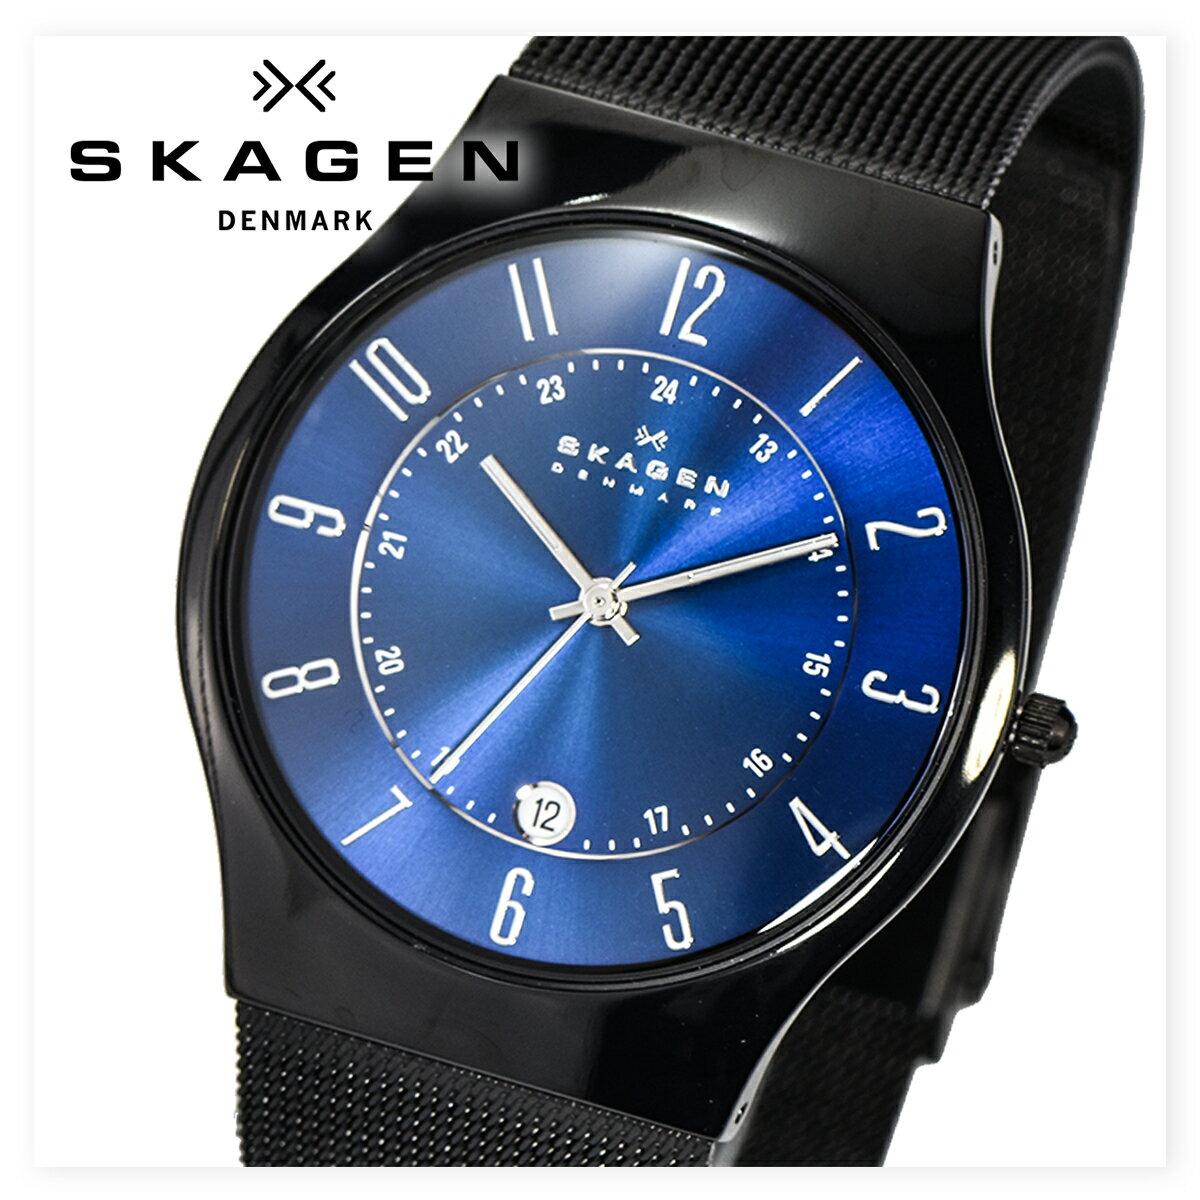 SKAGEN スカーゲン T233XLTMN 時計 腕時計 メンズ レディース ユニセックス 北欧 スリム プレゼント ギフト [海外正規商品][送料無料][あす楽]